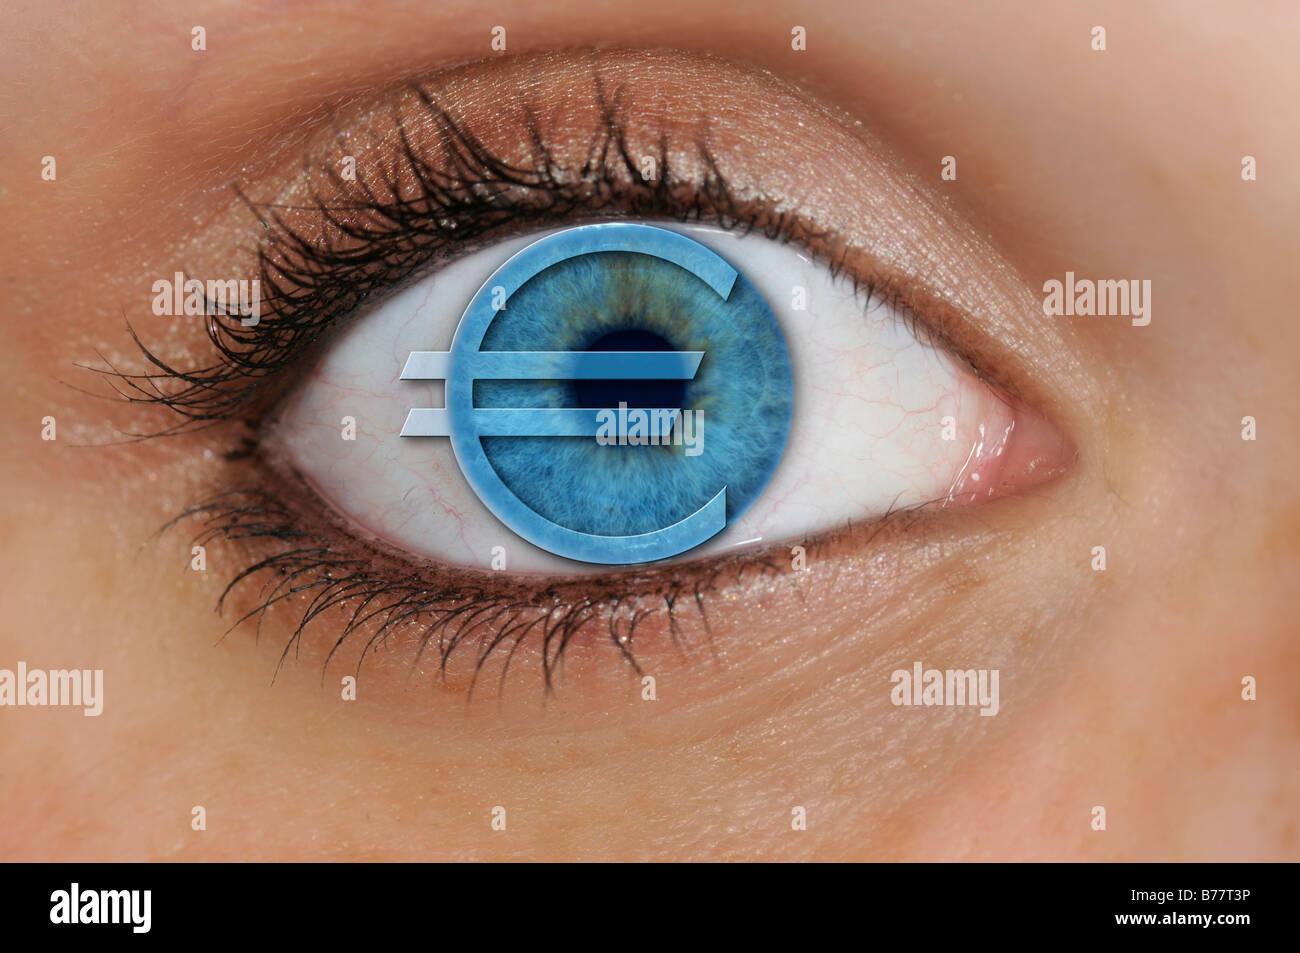 Occhio con un simbolo euro sovrapposto ad un blu iris, dettaglio simbolico per avarizia Immagini Stock